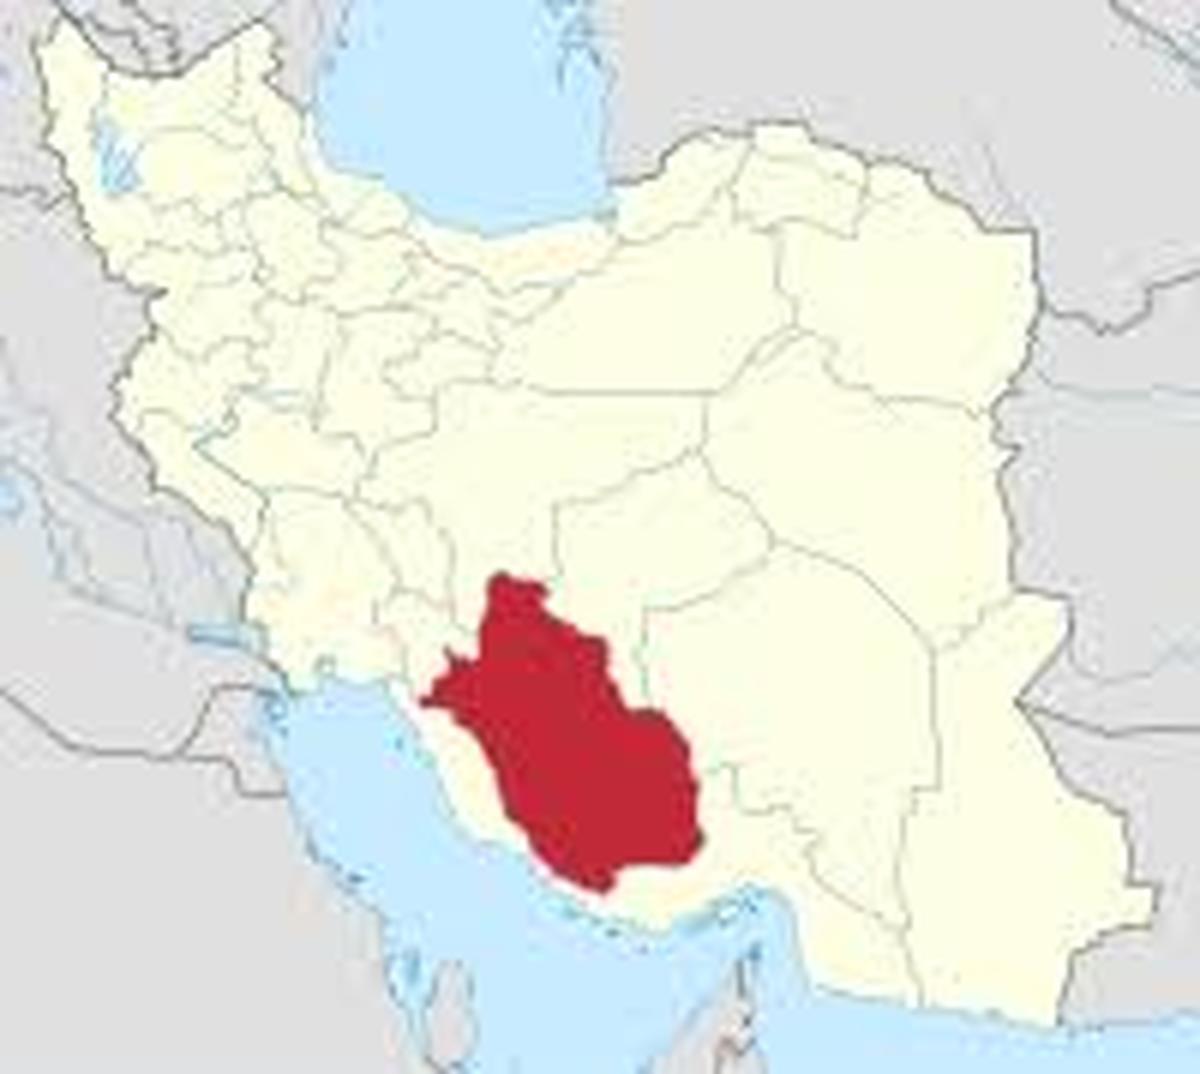 استان فارس  |   کتابخانه عمومی تصرف و به فضای اداری تبدیل شد